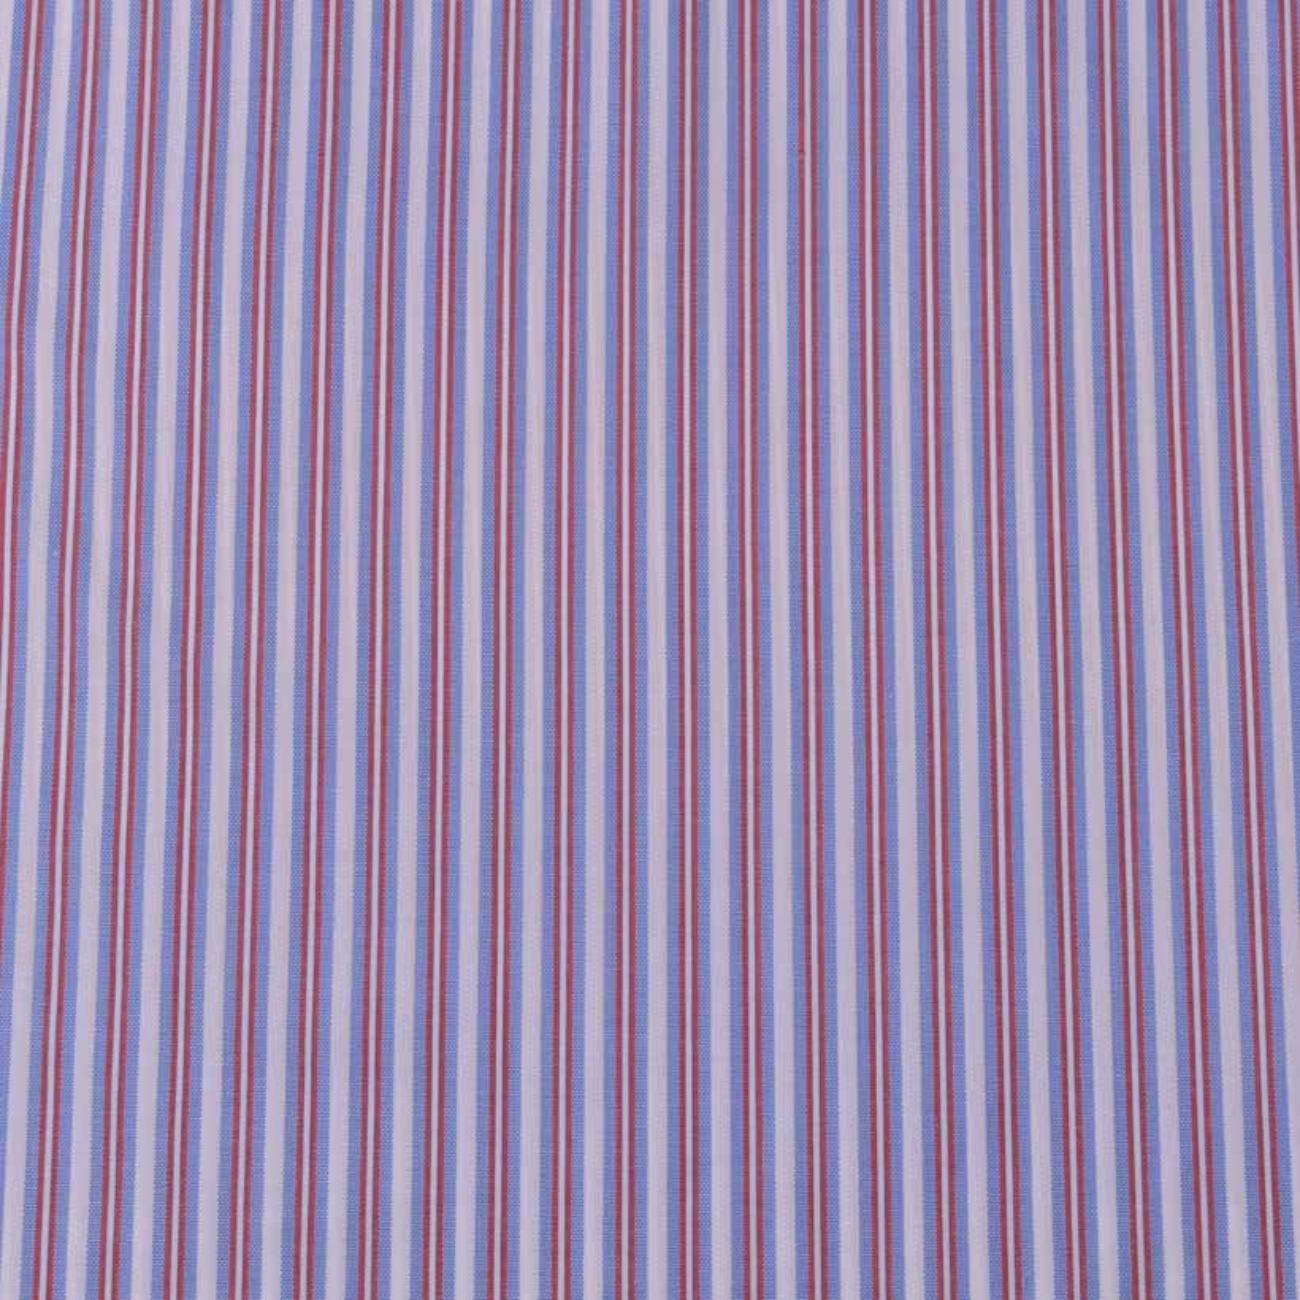 现货条子梭织色织 低弹休闲时尚风格 衬衫 连衣裙 短裙 棉感 60929-45